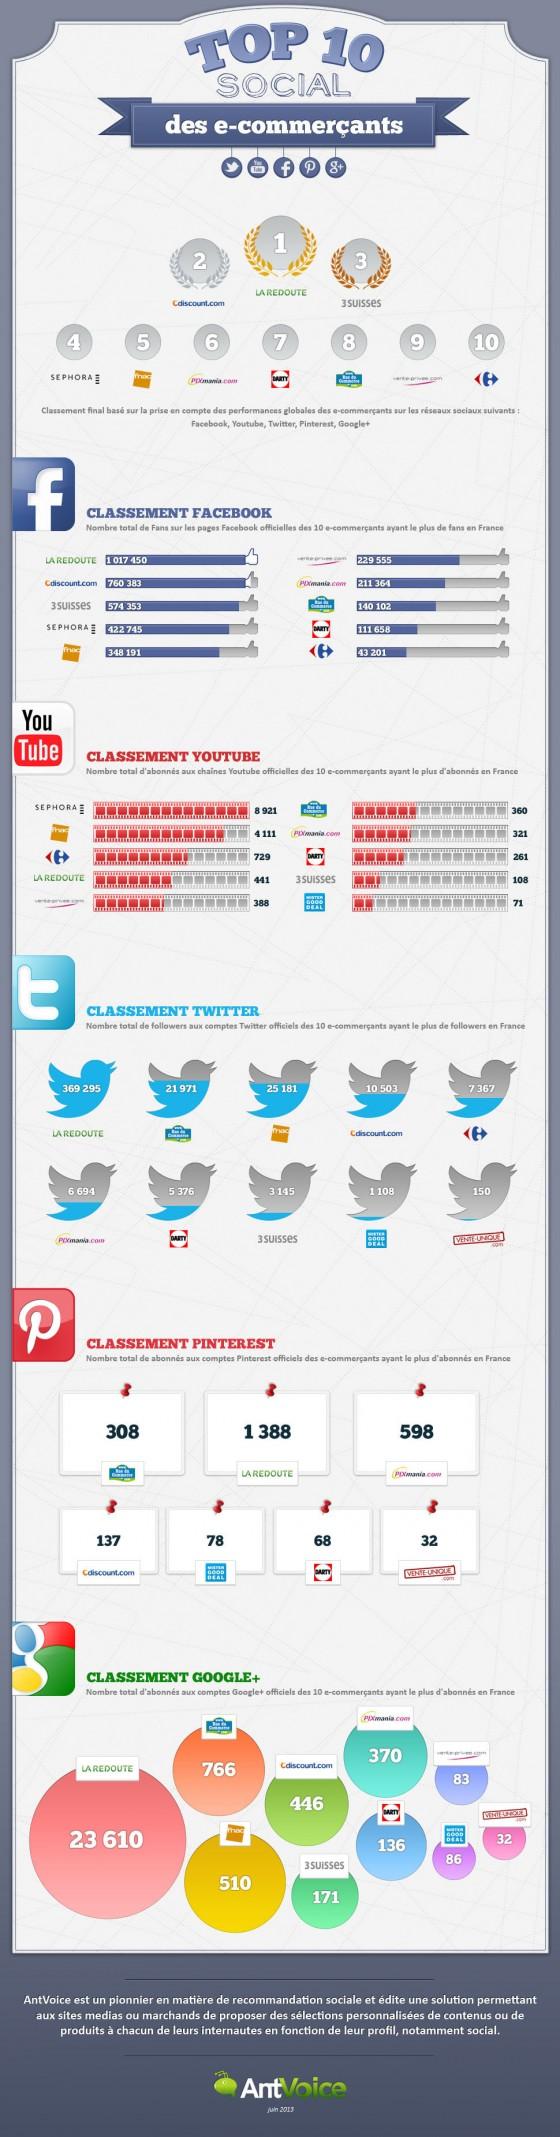 Infographie-Classement-Social-Commerce